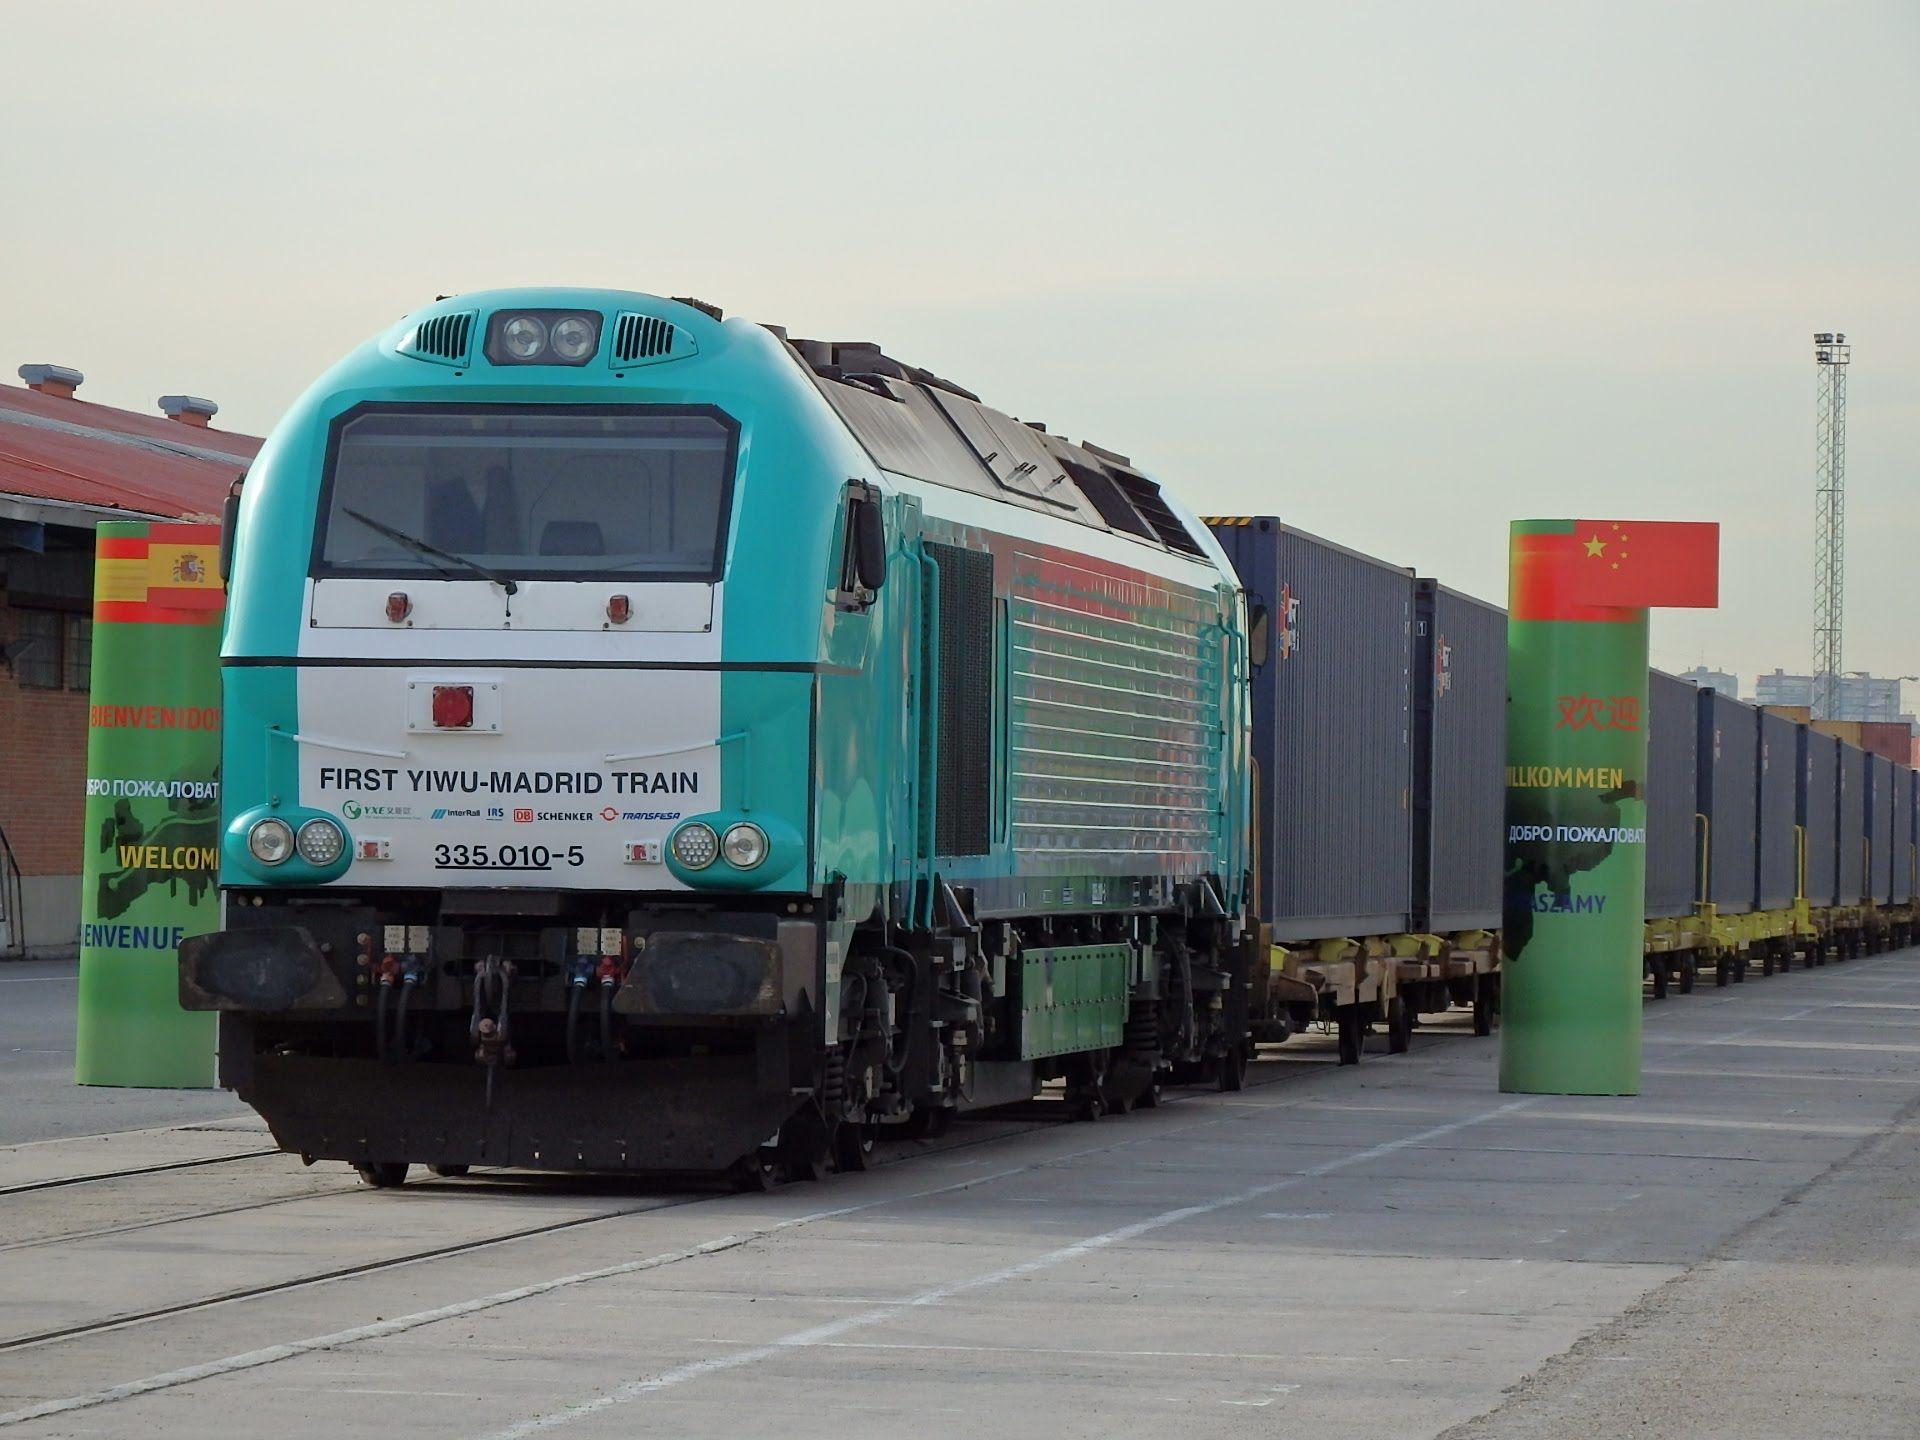 Llegada A Madrid Abronigal Del Primer Tren De Mercancias Directo Desde China Tren Entrenamiento Tren Antiguo